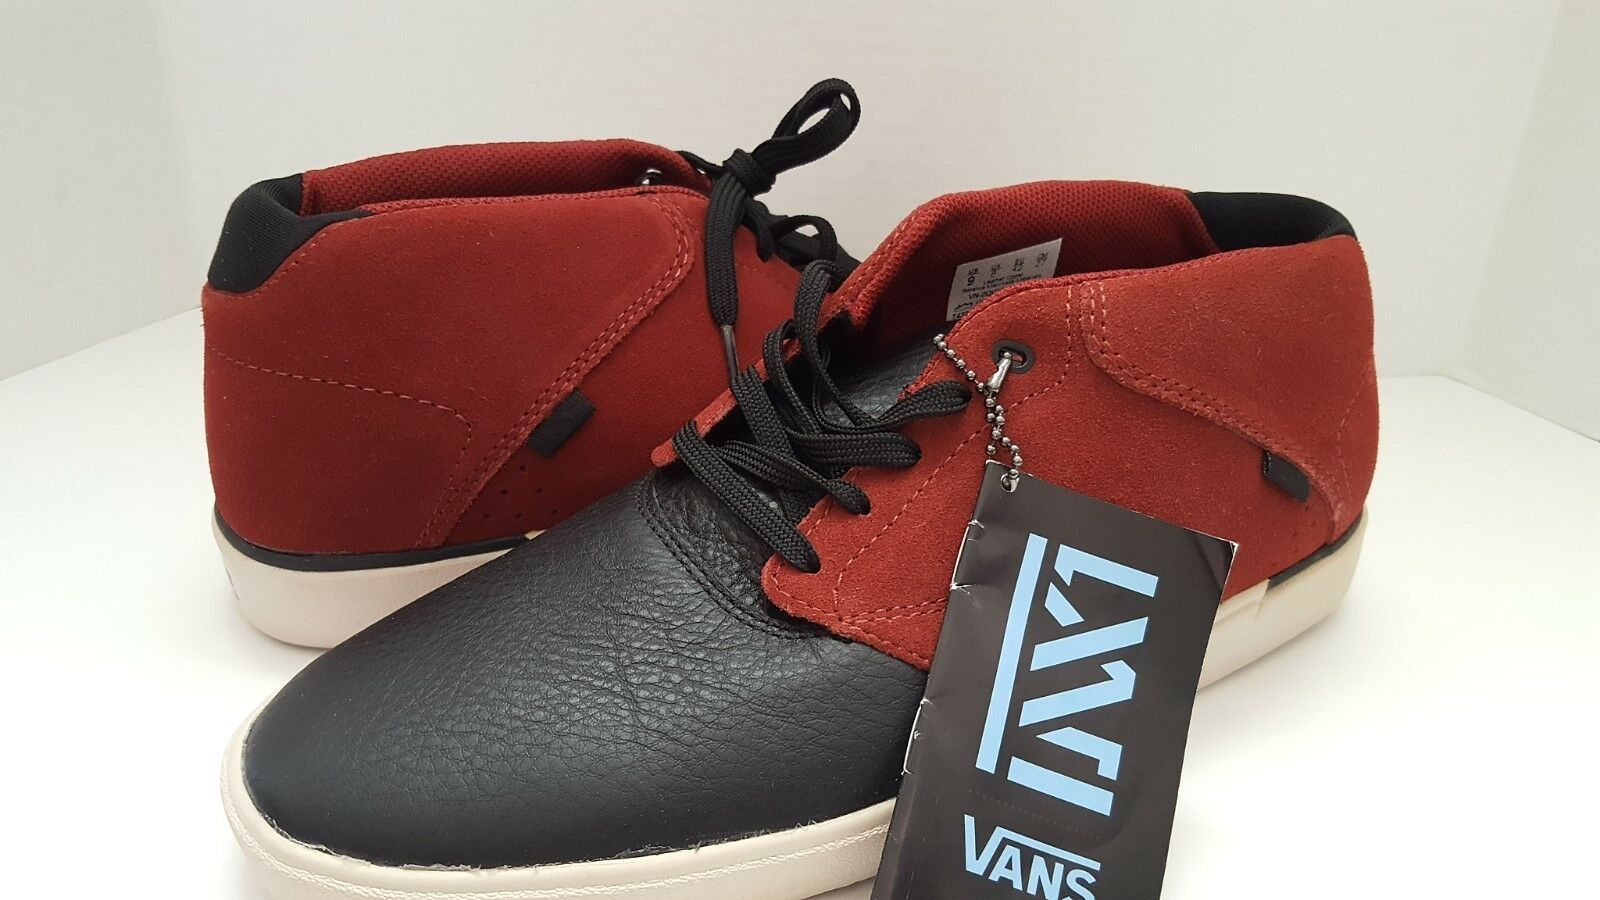 New Secant Vans Man's Secant New Pelle Stivali Shoe Sz 8 or Sz 9 c47ee1